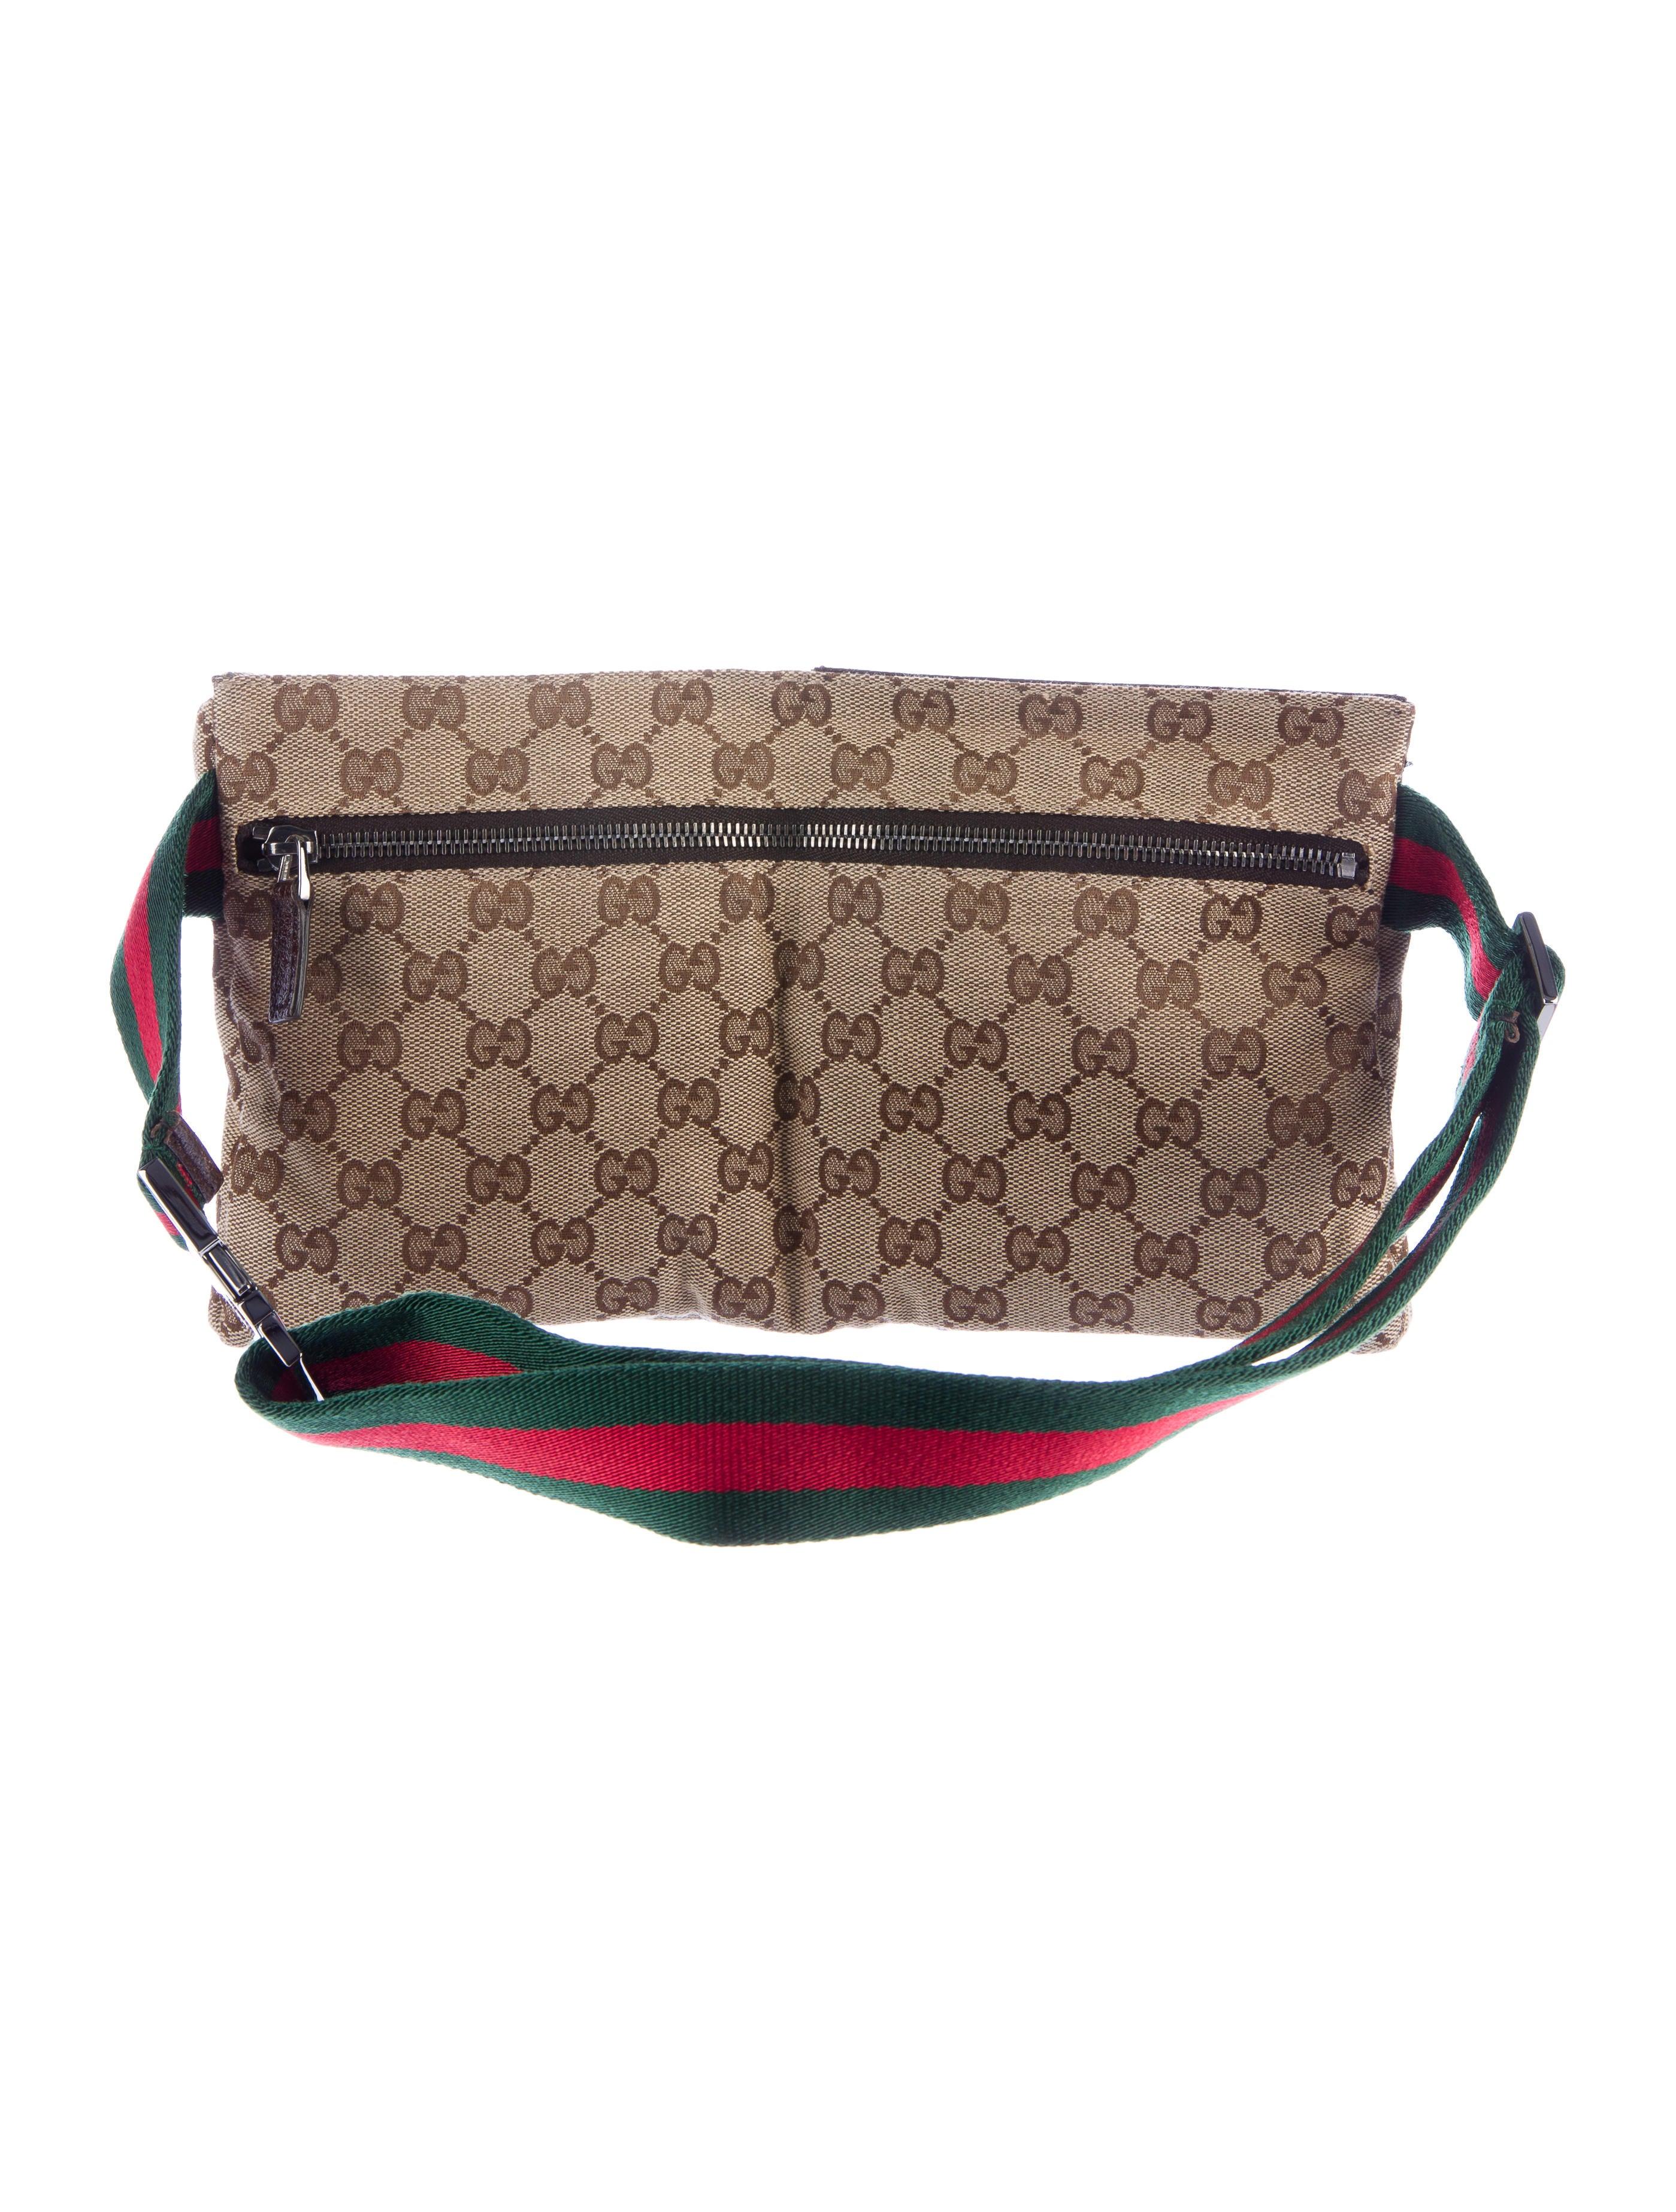 Gucci Home Decor Gucci S Alessandro Michele How To Spend